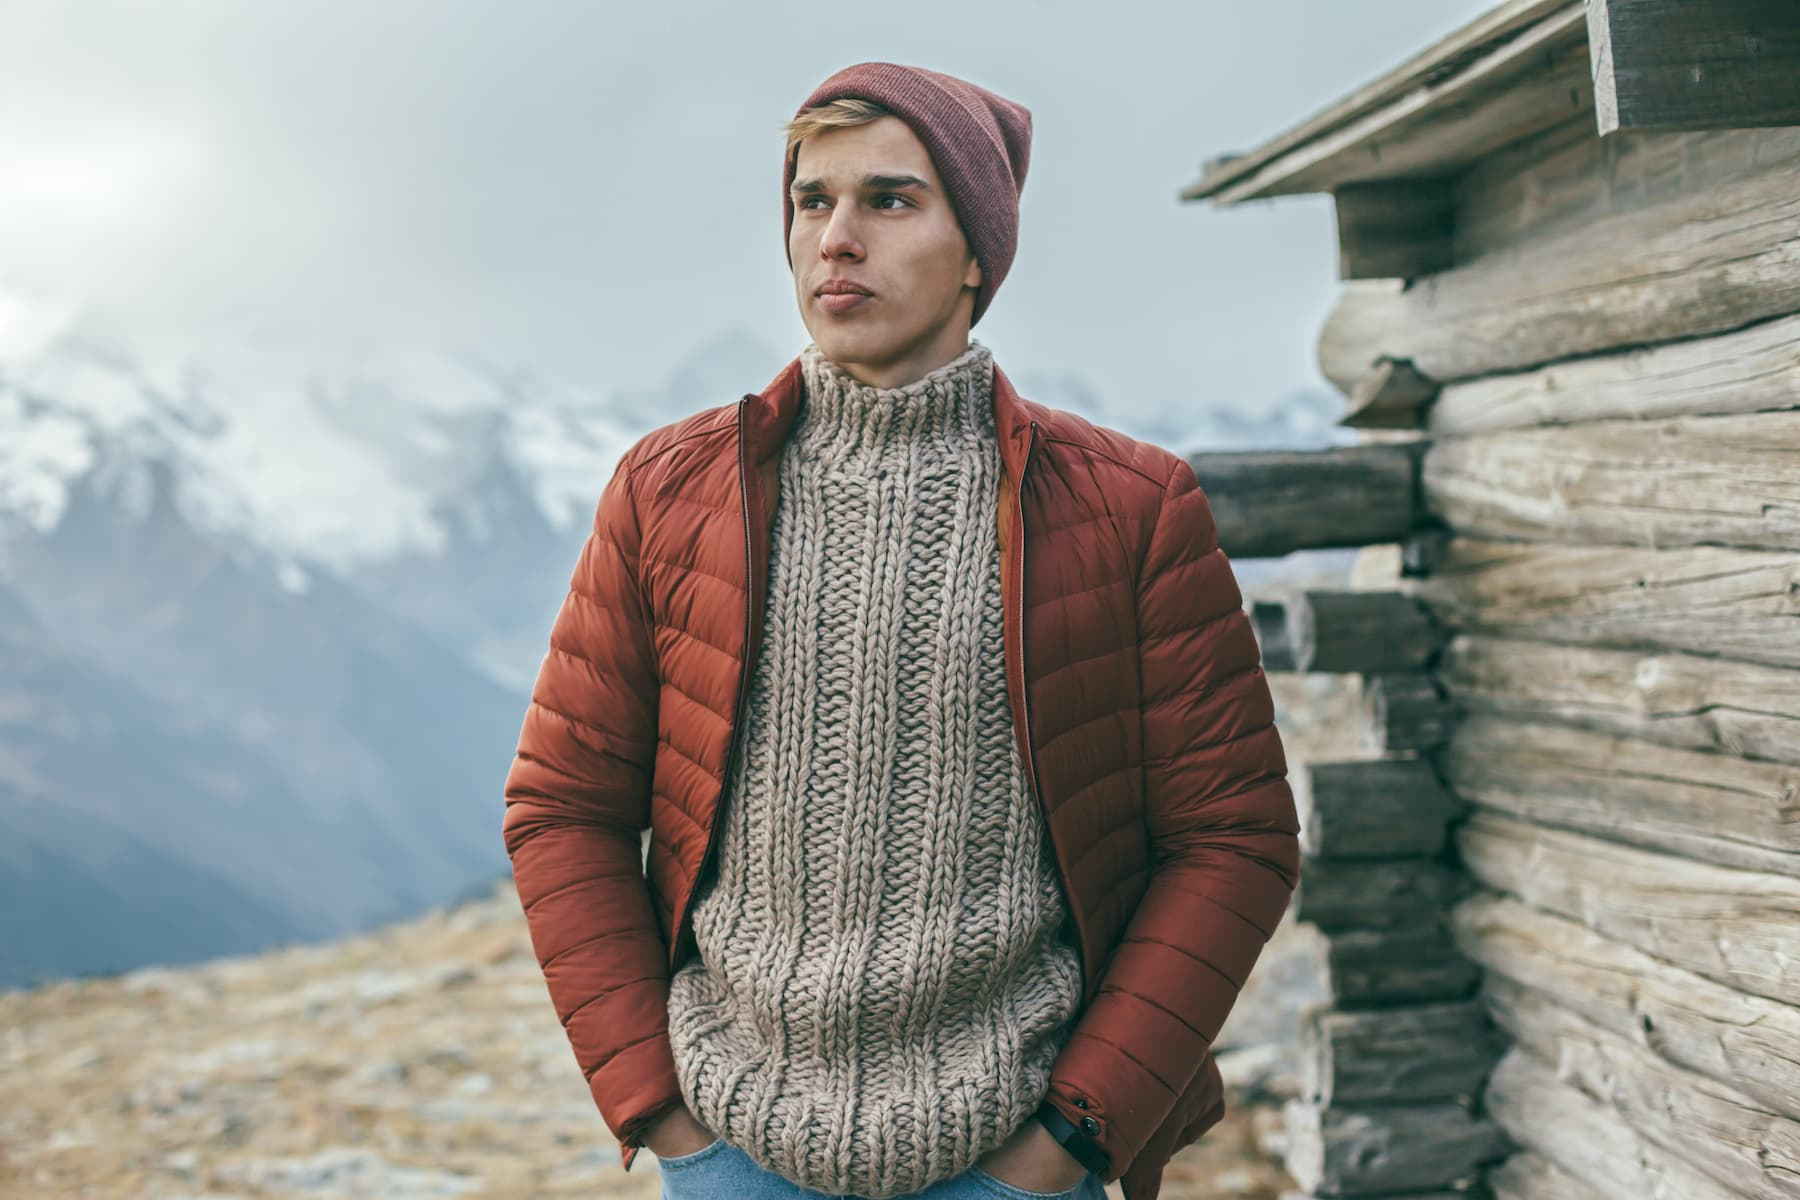 Jakie swetry nosić, gdy chcemy zamaskować nadwagę?